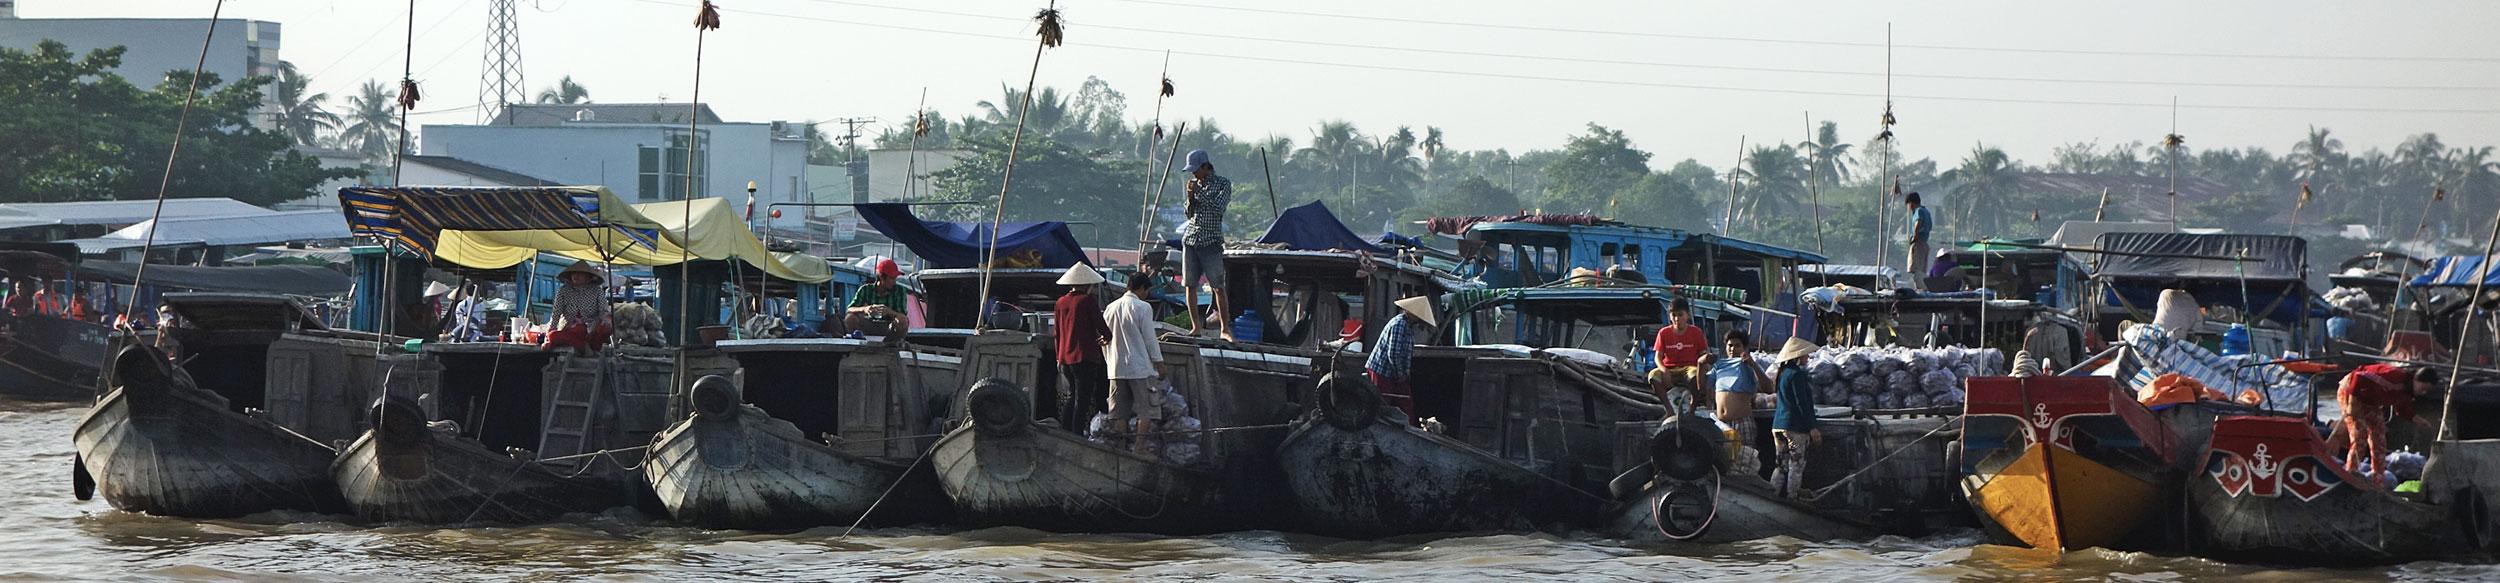 Sampans au marché flottant de Cai Rang à Can Tho